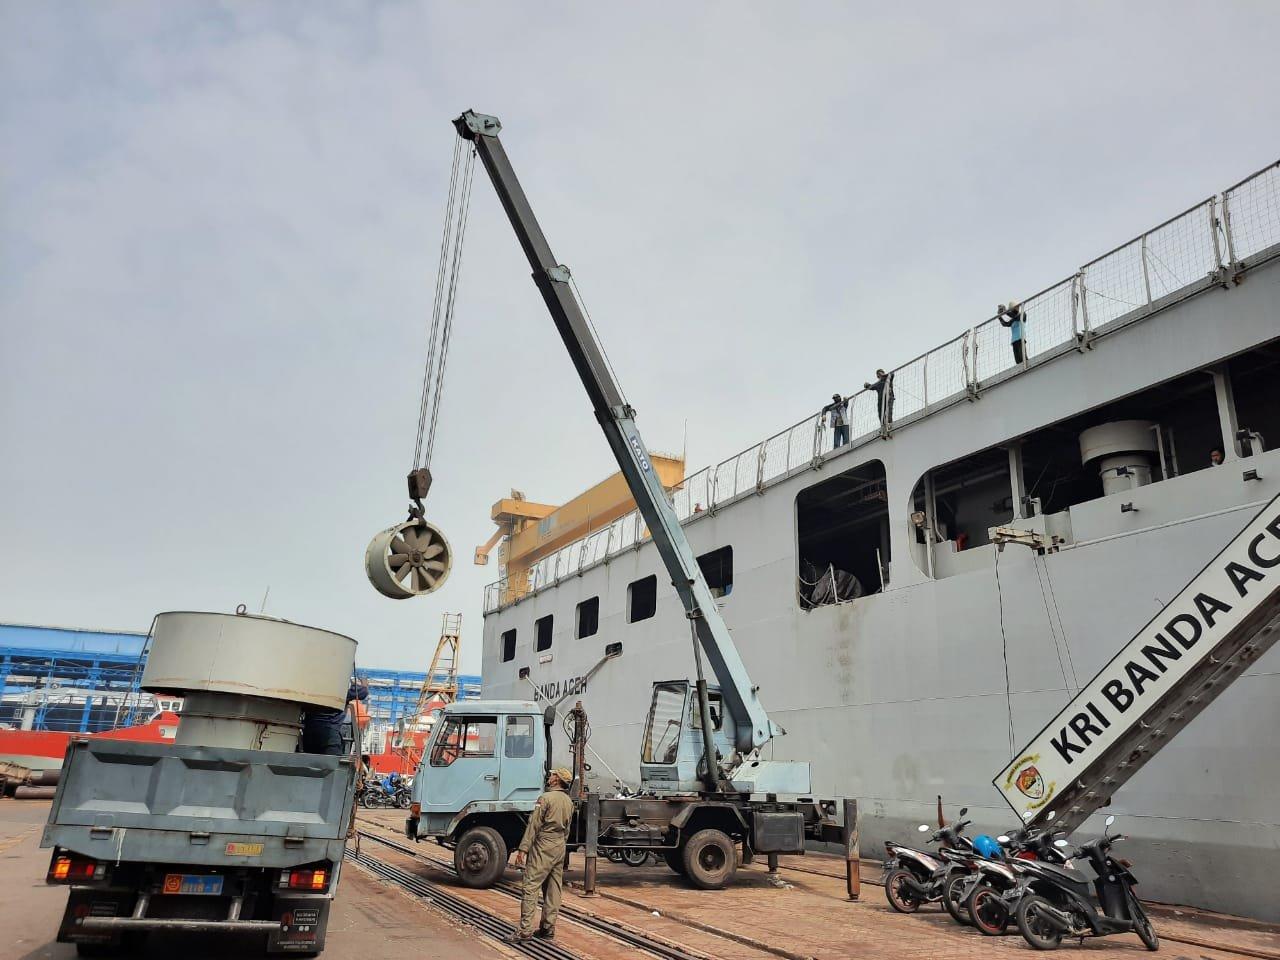 Kri Banda Aceh 593 Laksanakan Hardepo Siapkan Performa Untuk Operasi